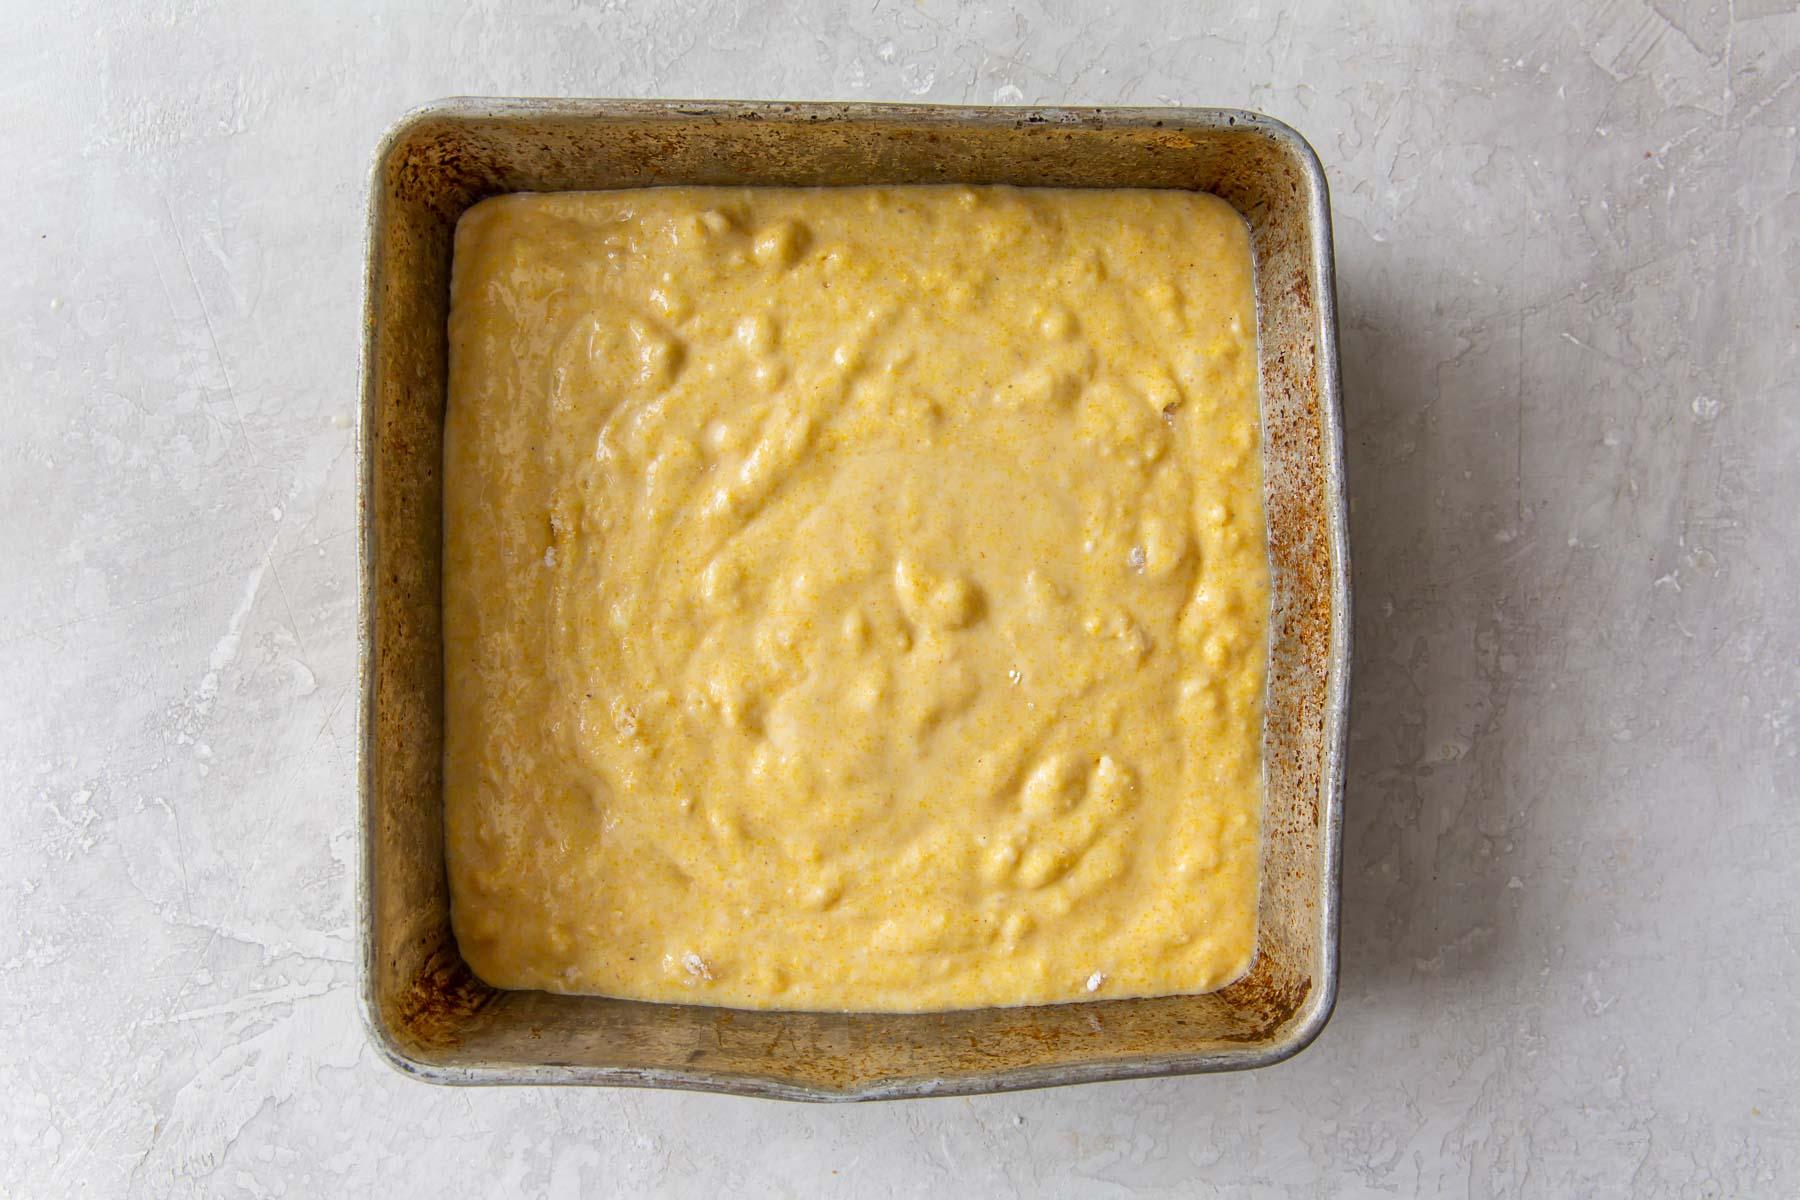 batter in square metal baking pan